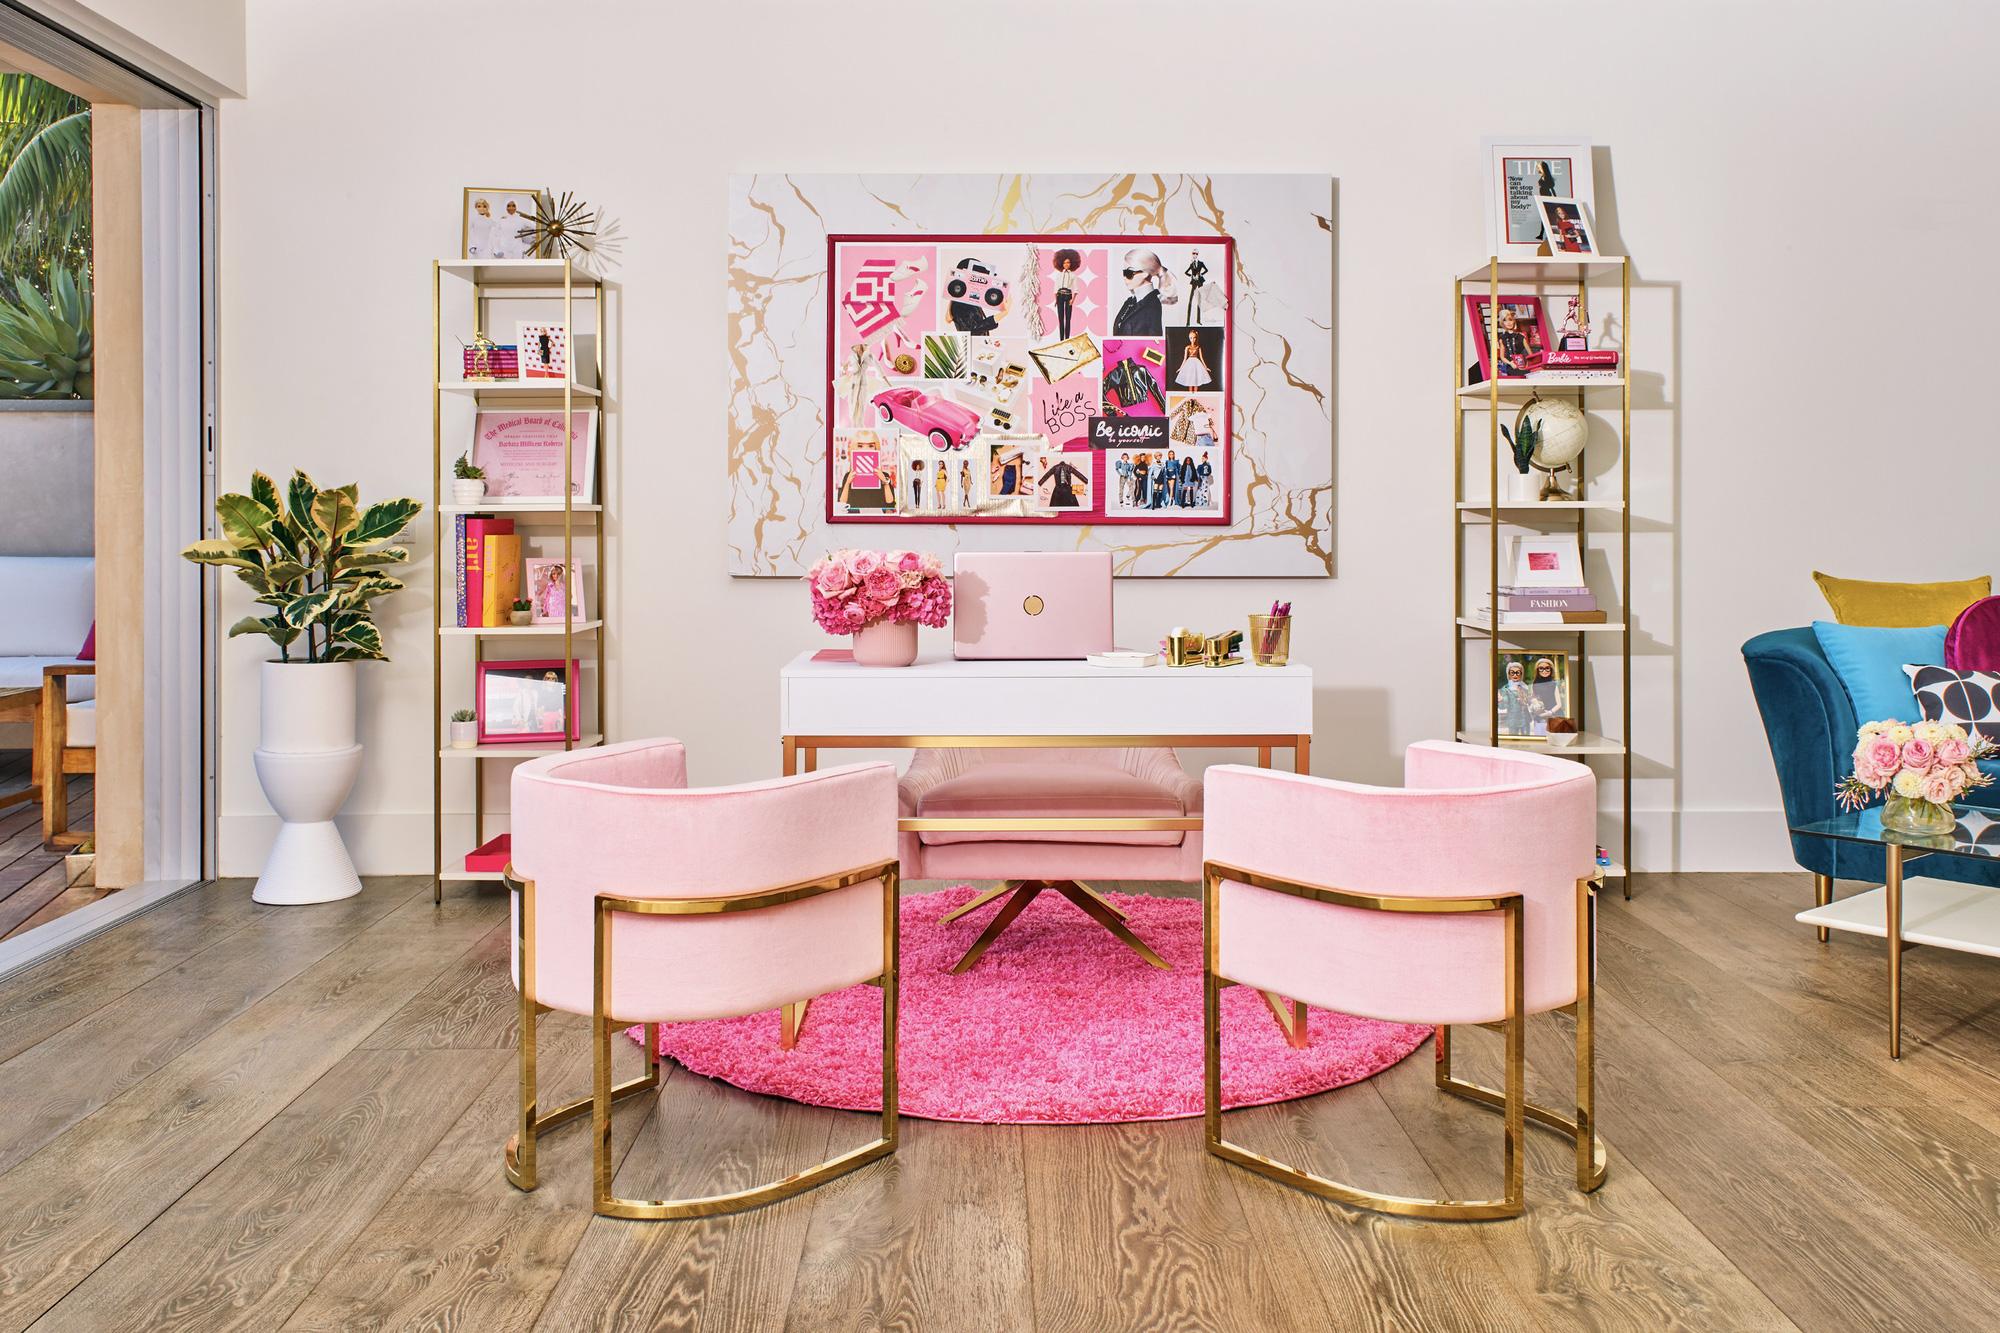 Ngôi nhà búp bê Barbie phiên bản hàng thật với giá 1,3 triệu/đêm, các cô gái nhanh tay xách vali lên nào - Ảnh 9.